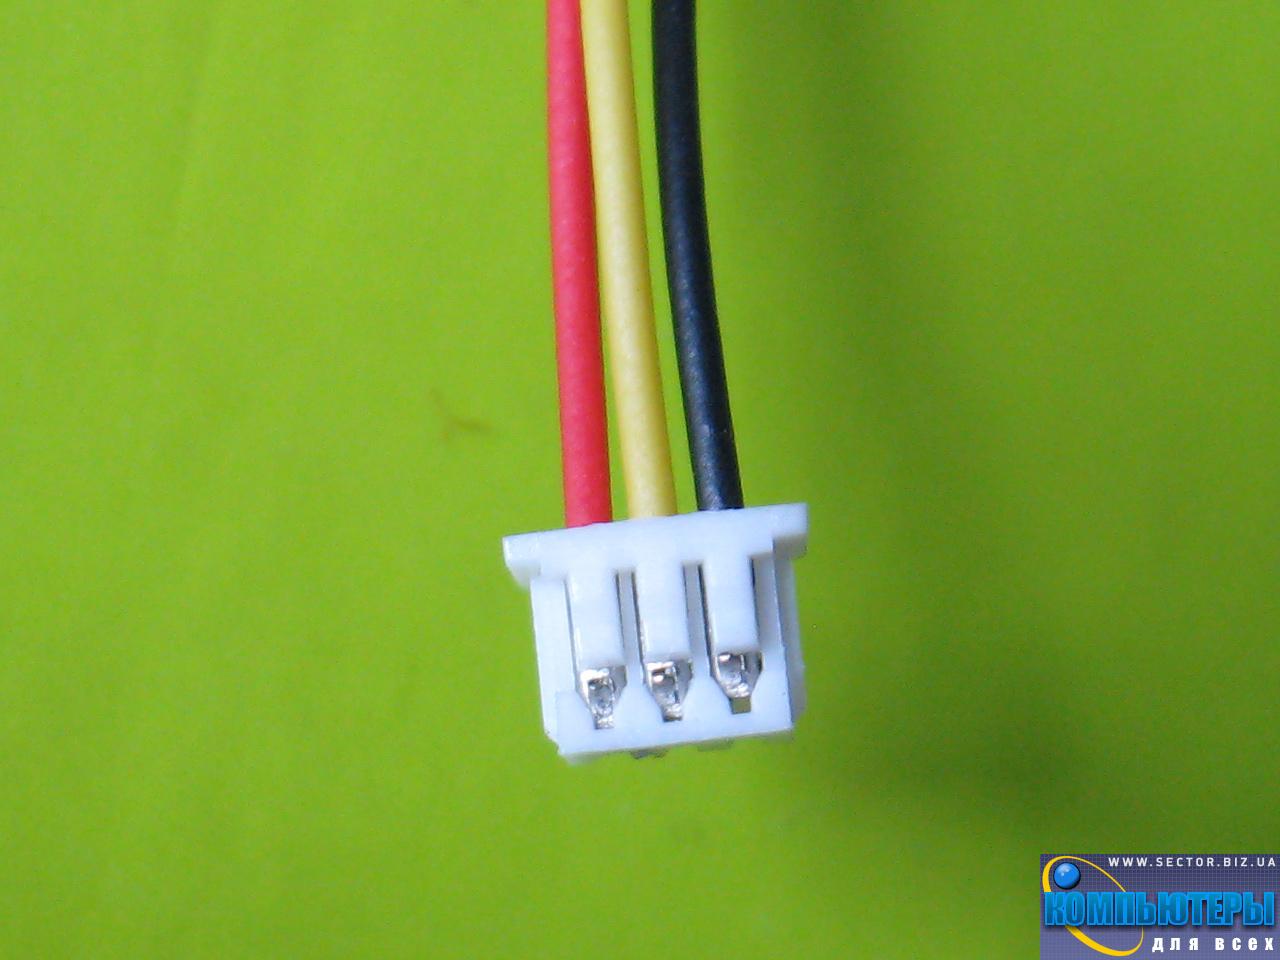 Кулер к ноутбуку MSI CR400 EX460 EX460X EX600 PR400 PR600 MS-1435 MX-1436 MS-1452 MS-163C p/n: 6010H05F PF1. Фото № 3.